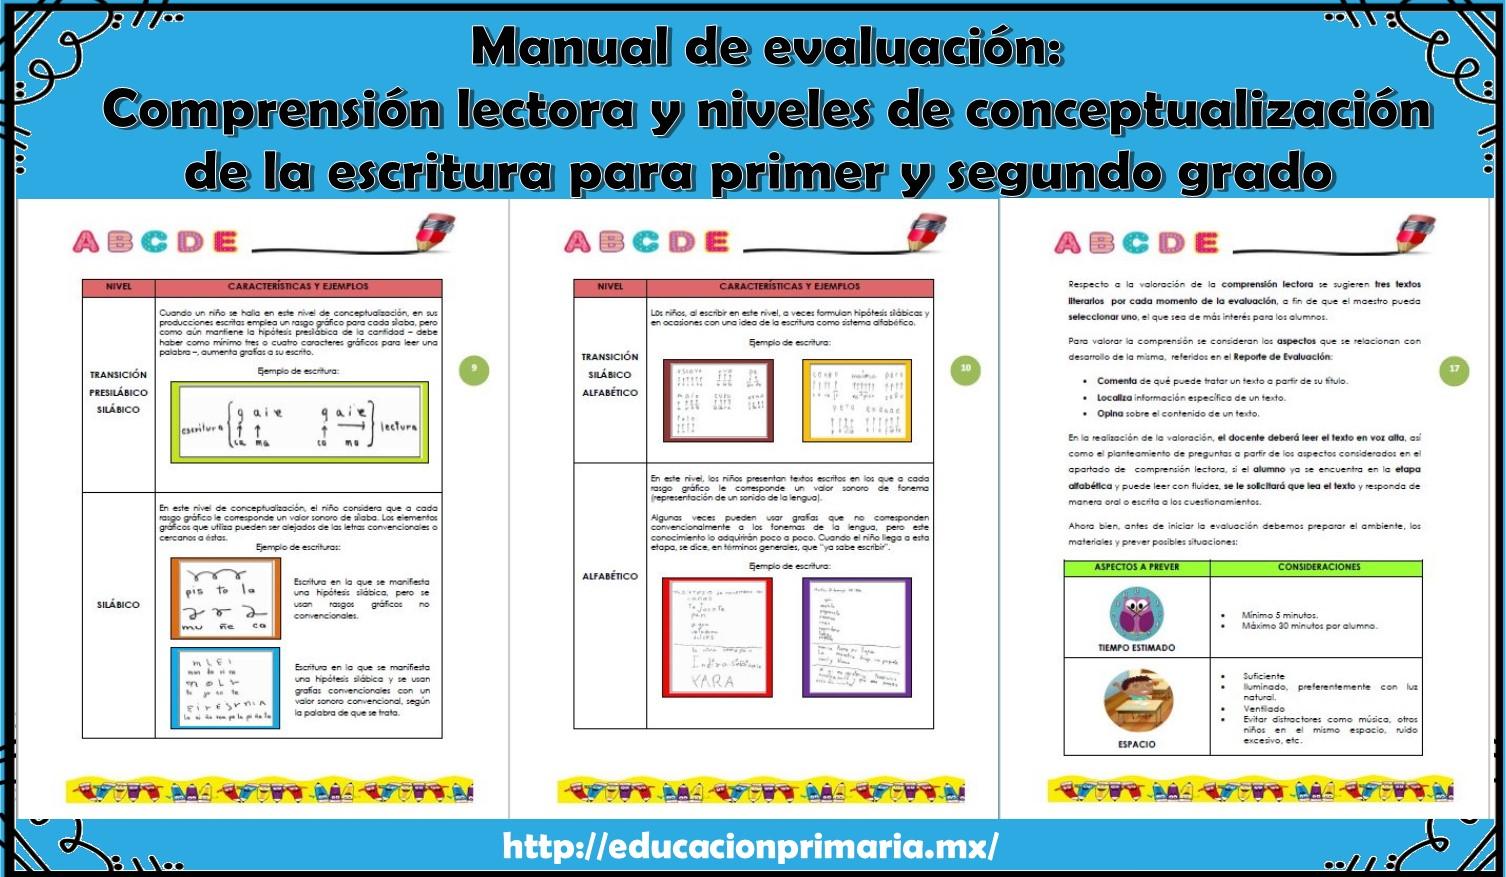 Manual de evaluaci n comprensi n lectora y niveles de for Cuarto quinto y sexto mes de embarazo